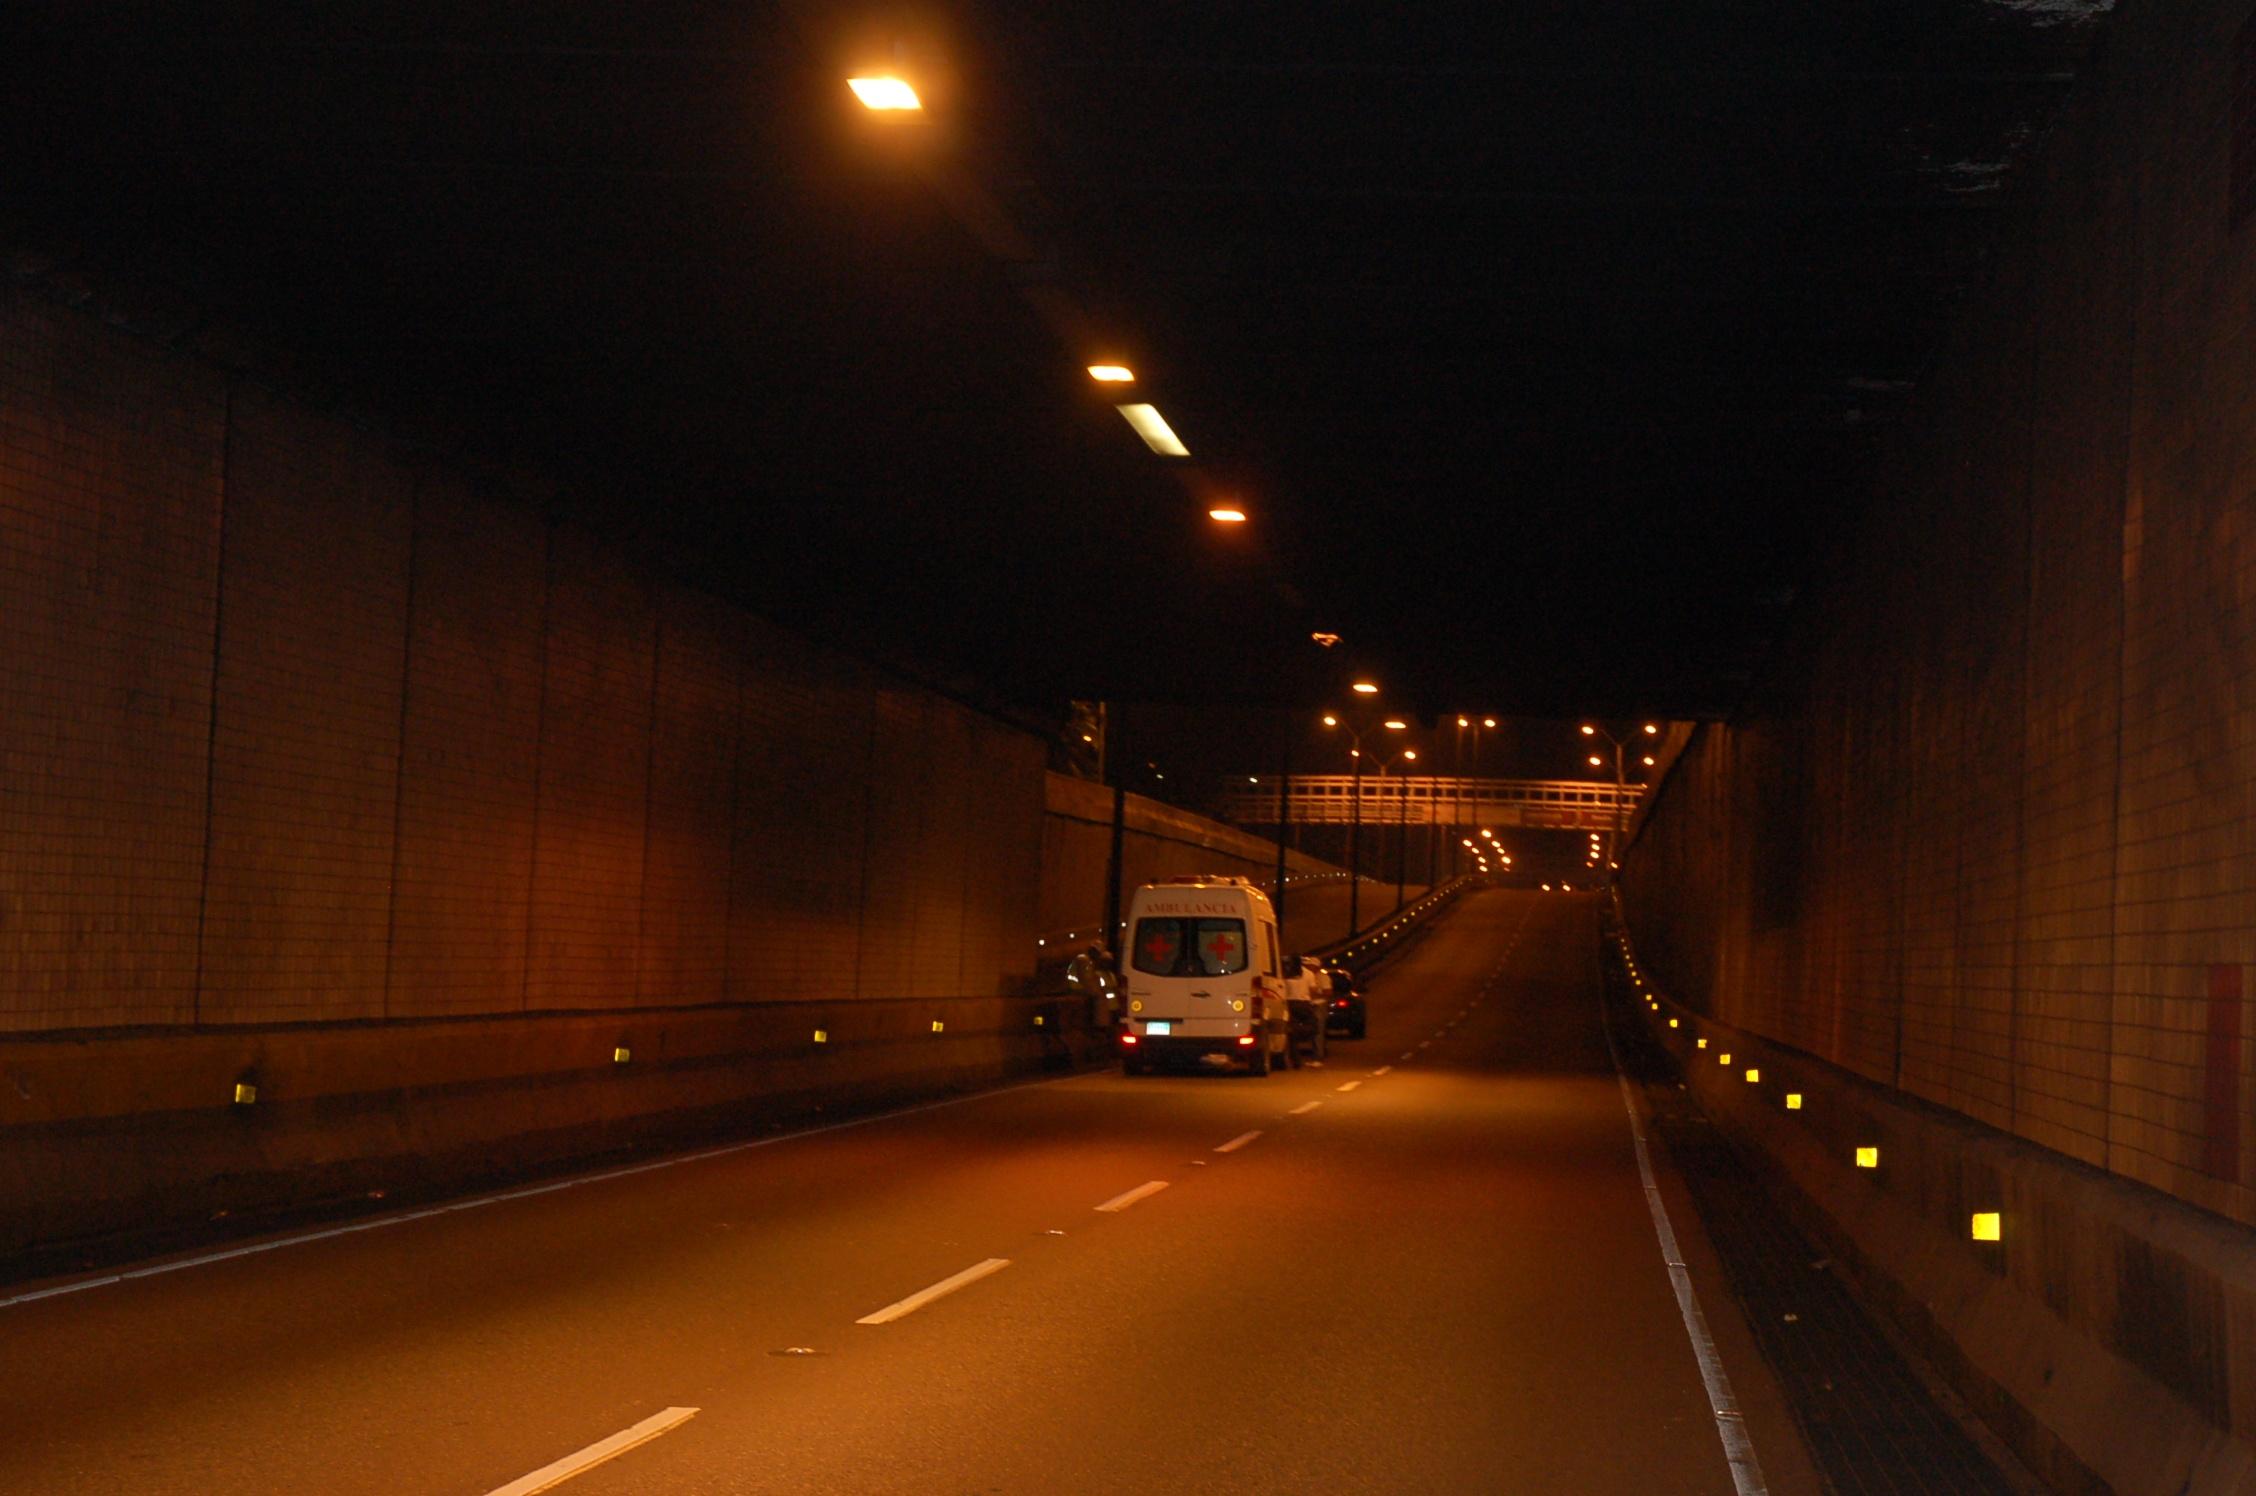 Cerrarán túnel Las Américas para mantenimiento